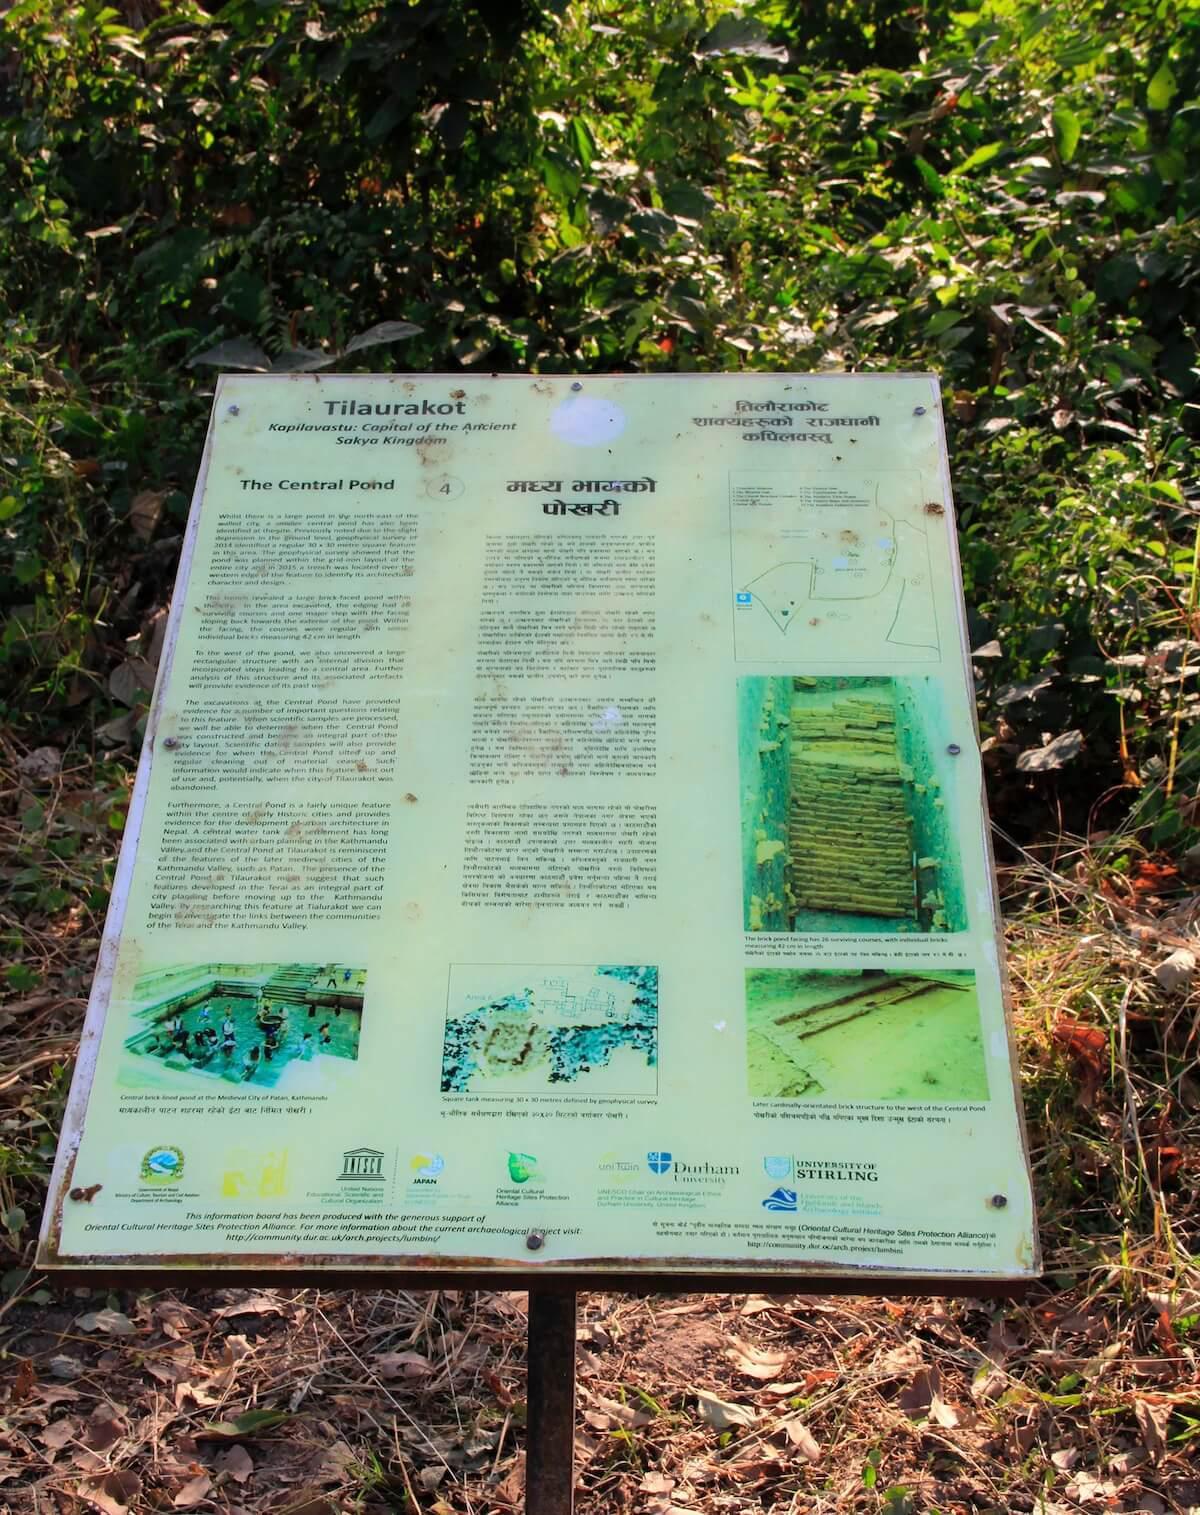 ป้ายแสดงโบราณสถาน_MG_4325(1)